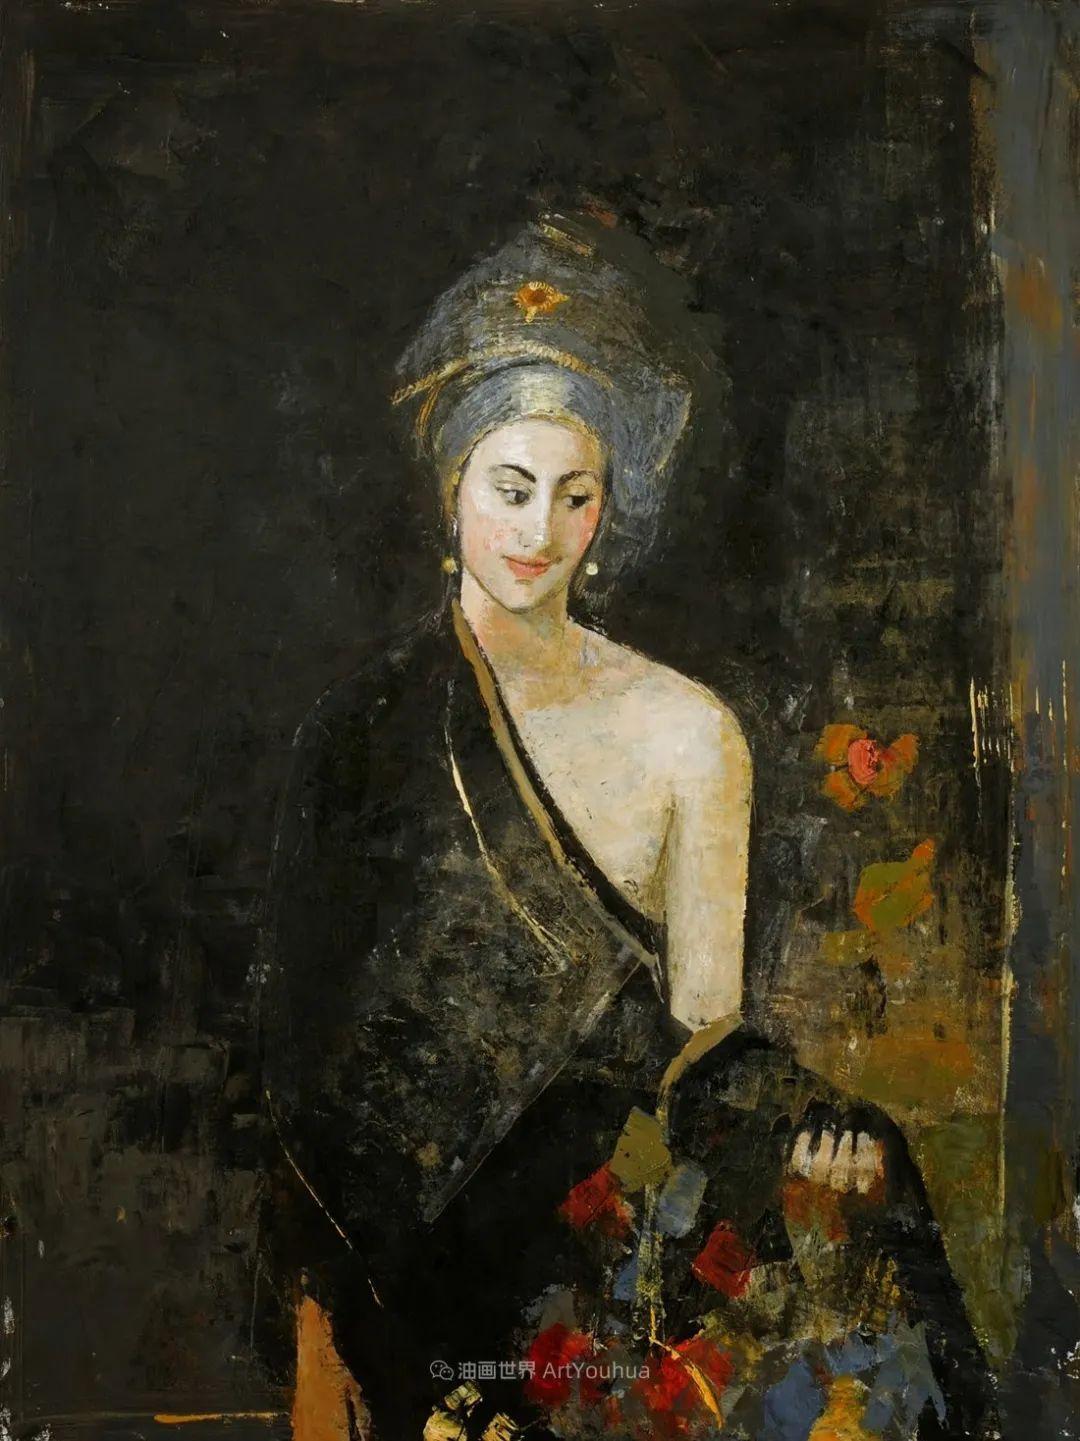 她从古代壁画中汲取灵感,但作品有一种非常现代、神秘的感觉!插图17